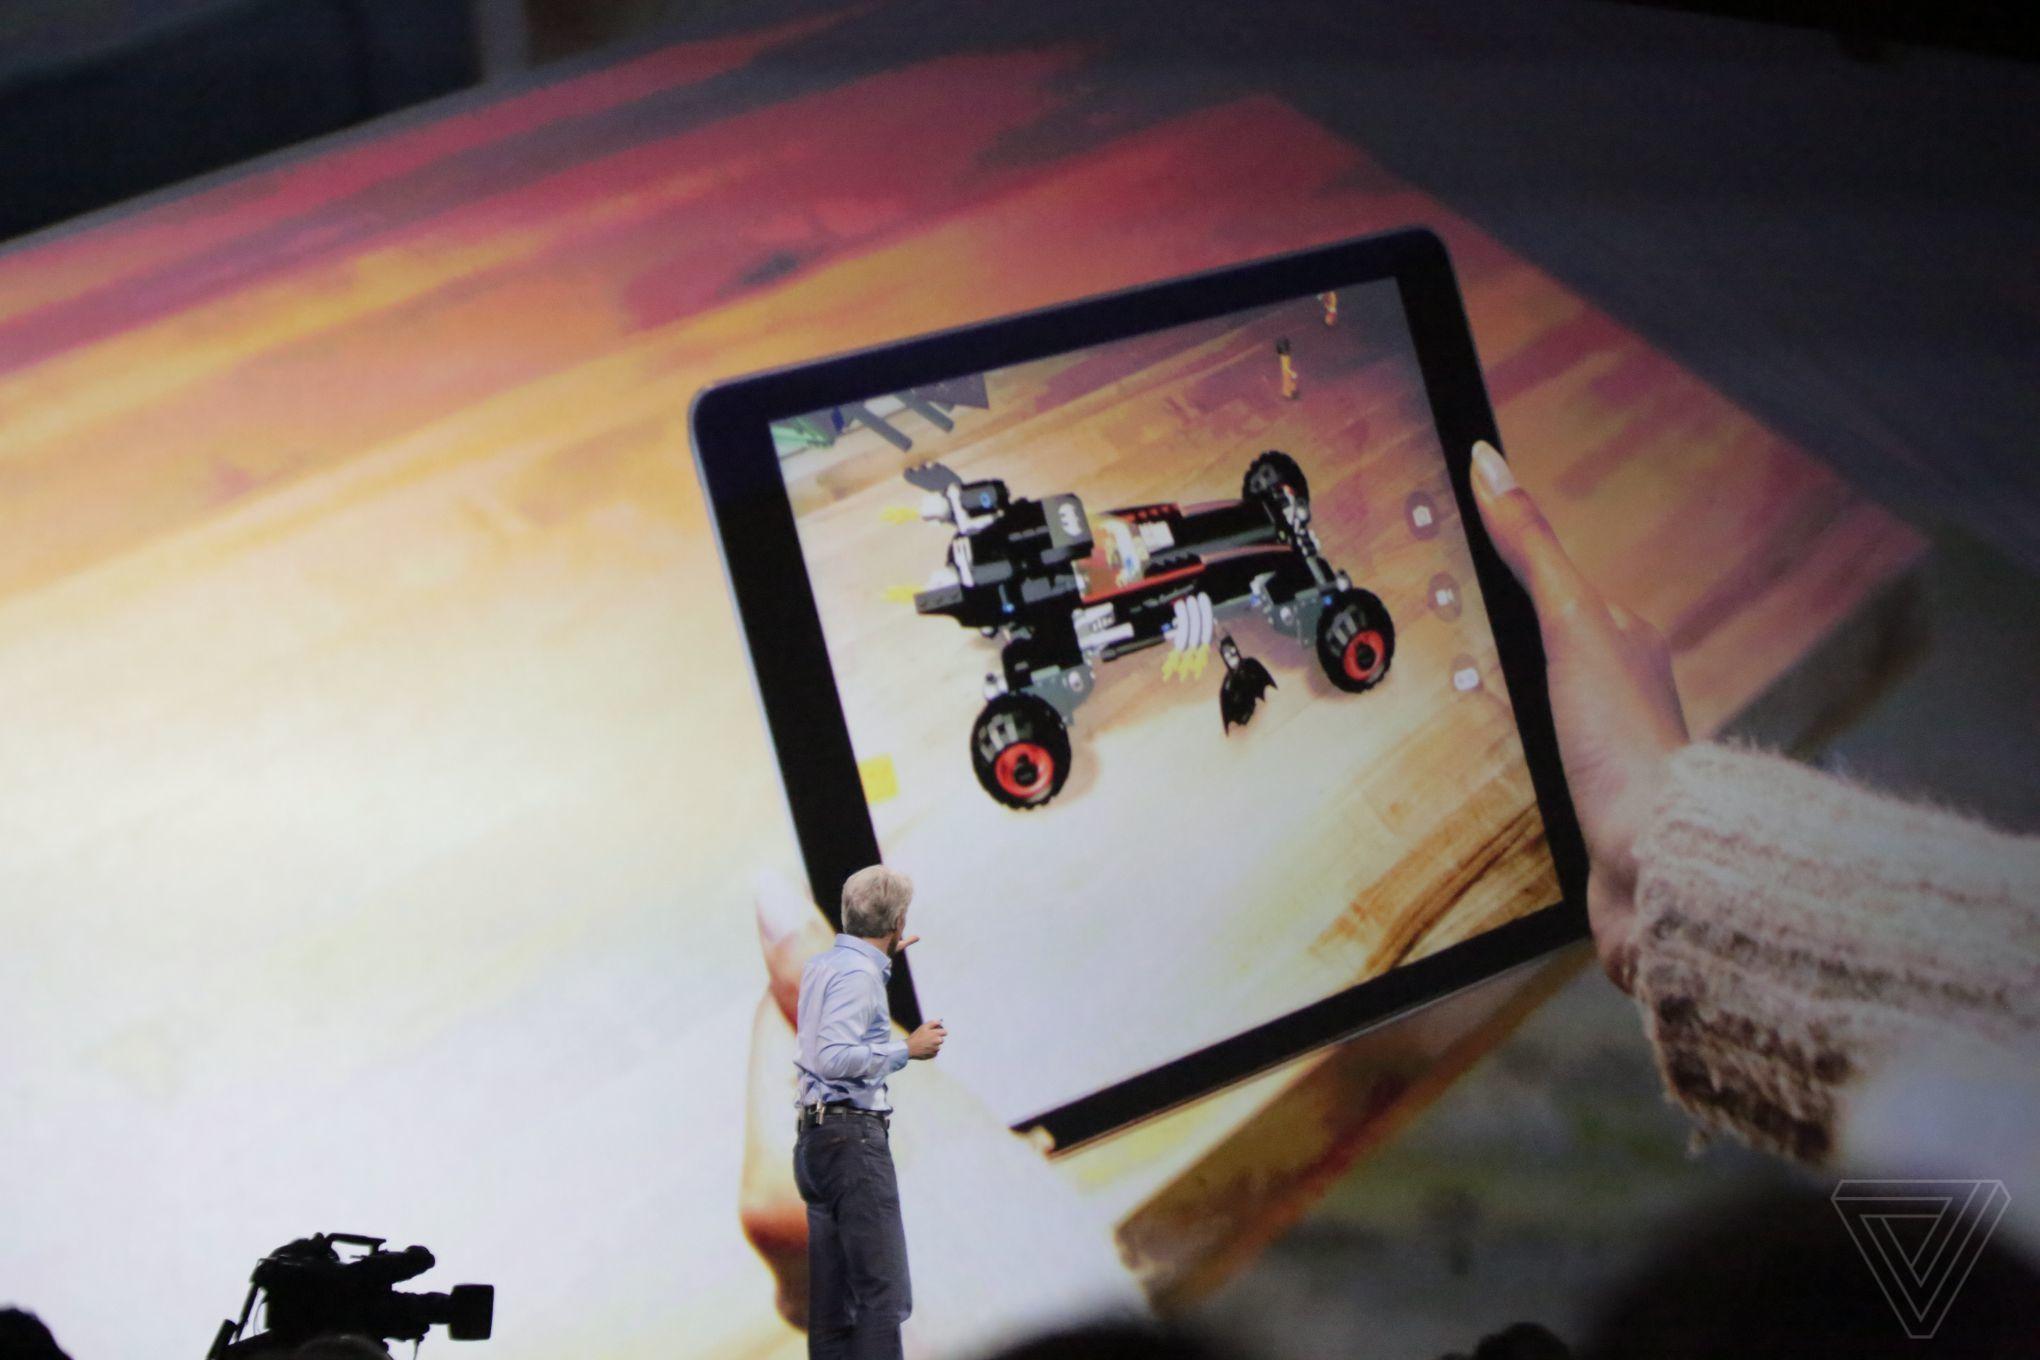 iOS 11 realitate augmentata